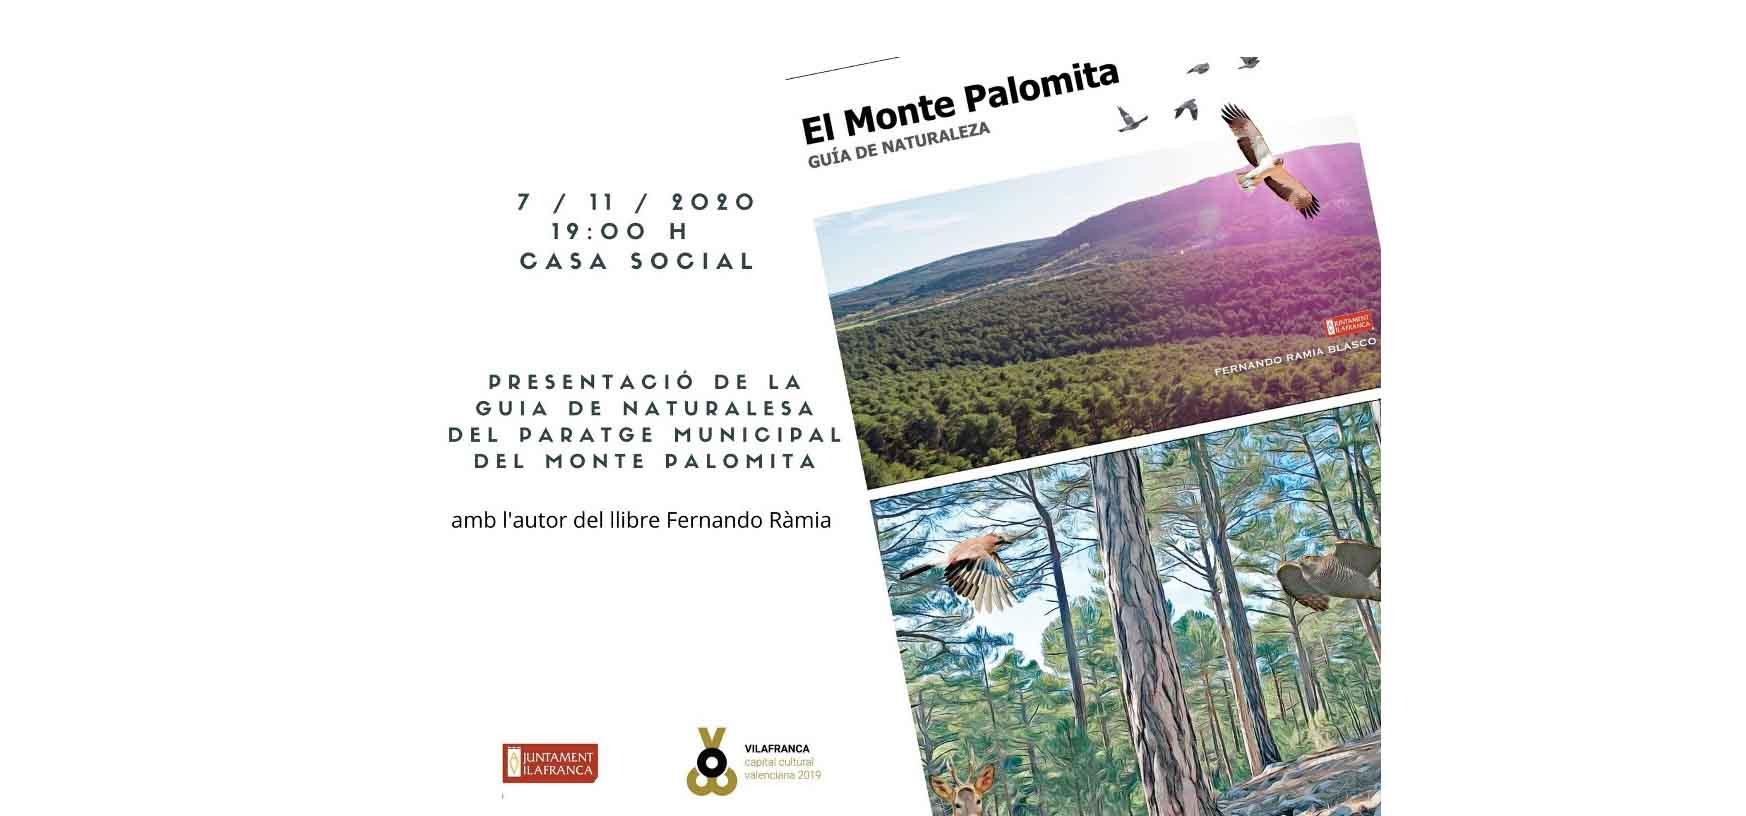 El MontePalomita de Vilafranca a l'abast de la mà amb una guia de naturalesa